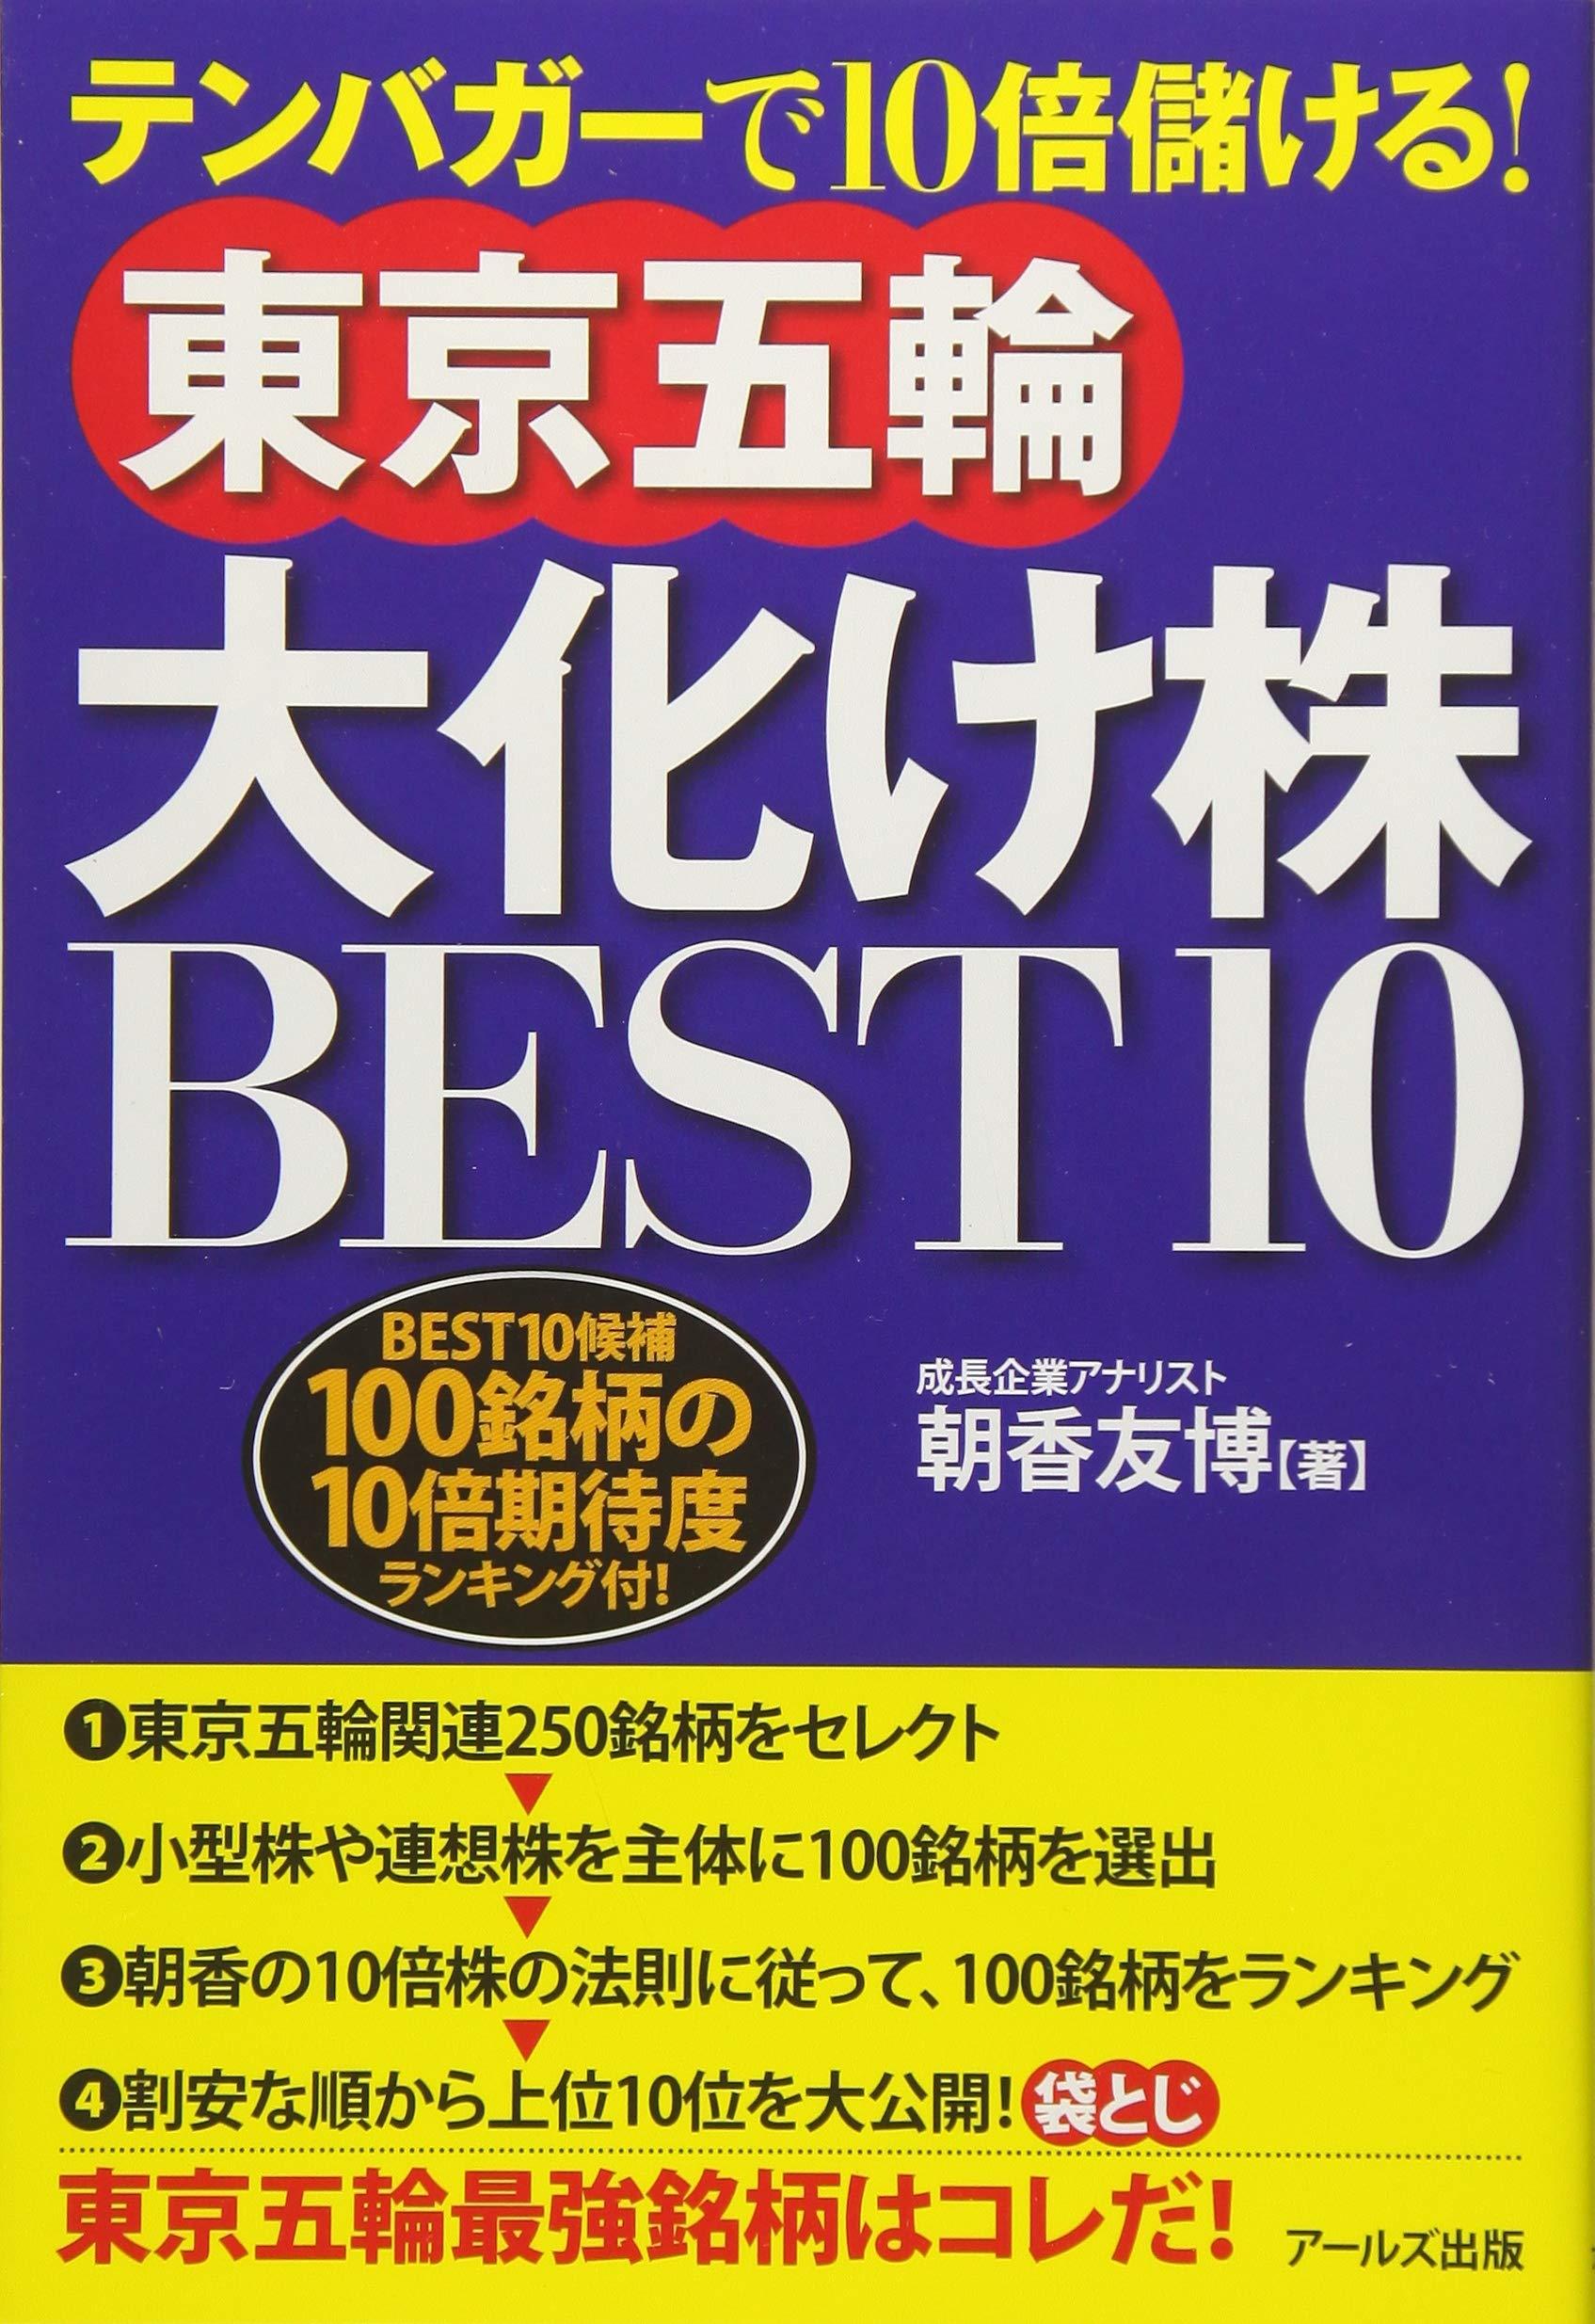 テンバガーで10倍儲ける! 東京五輪大化け株BEST10